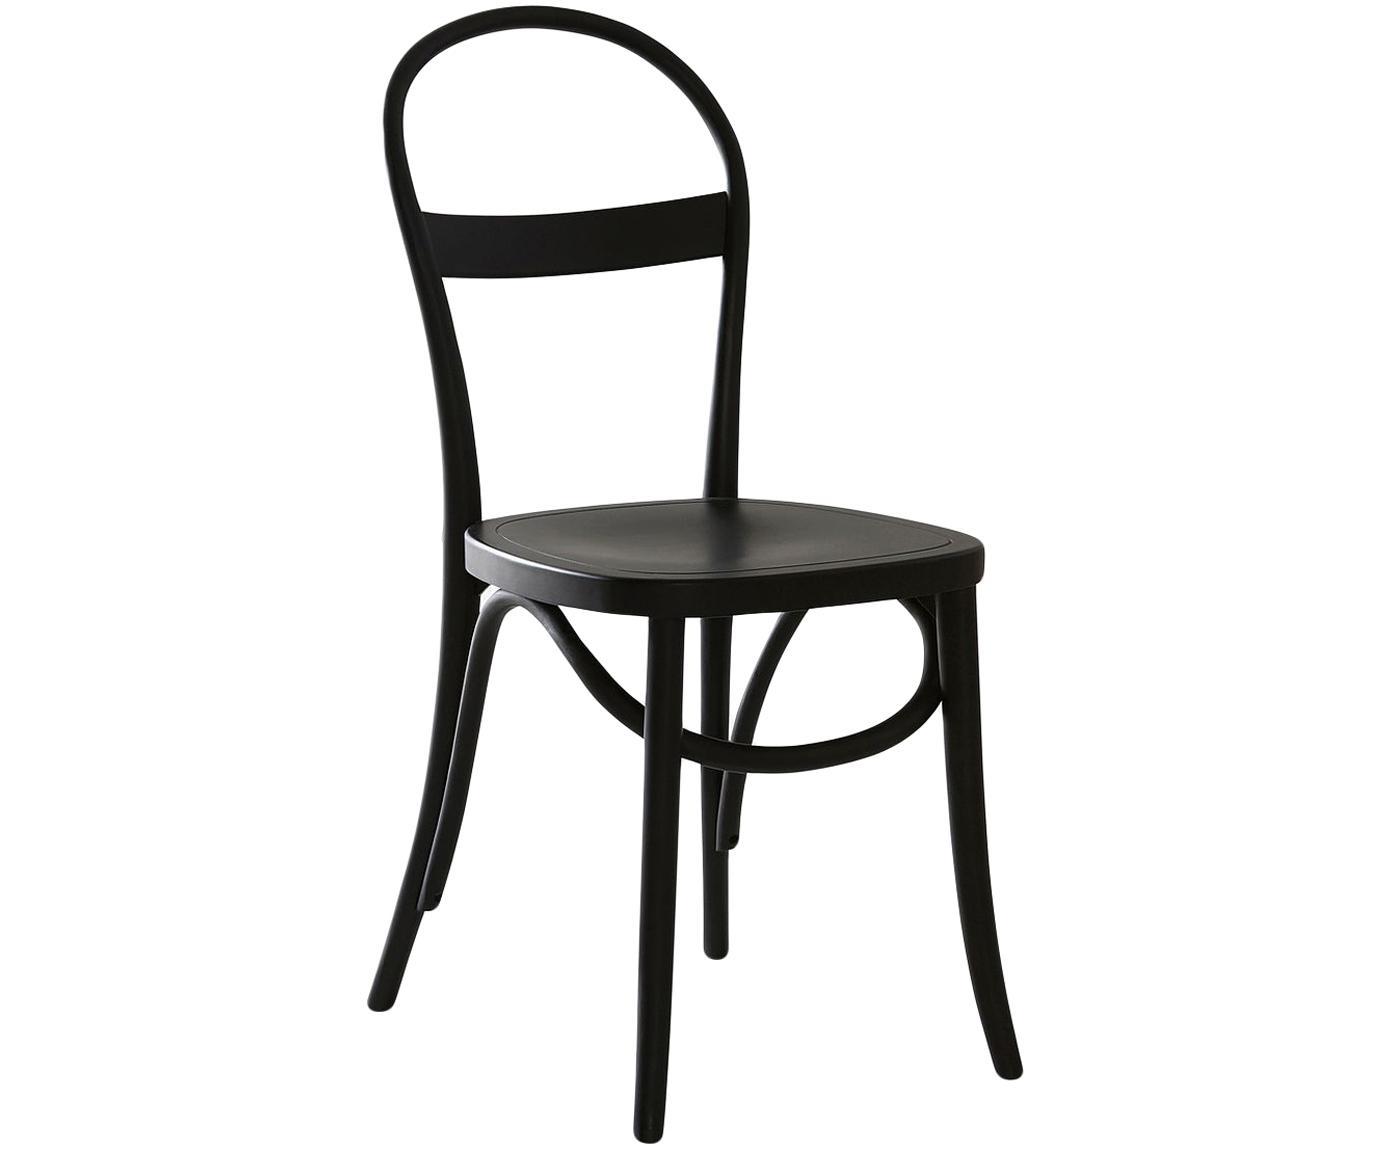 Houten stoelen Rippats, 2 stuks, Berkenhout, gebeitst, Zwart, B 40 x D 40 cm